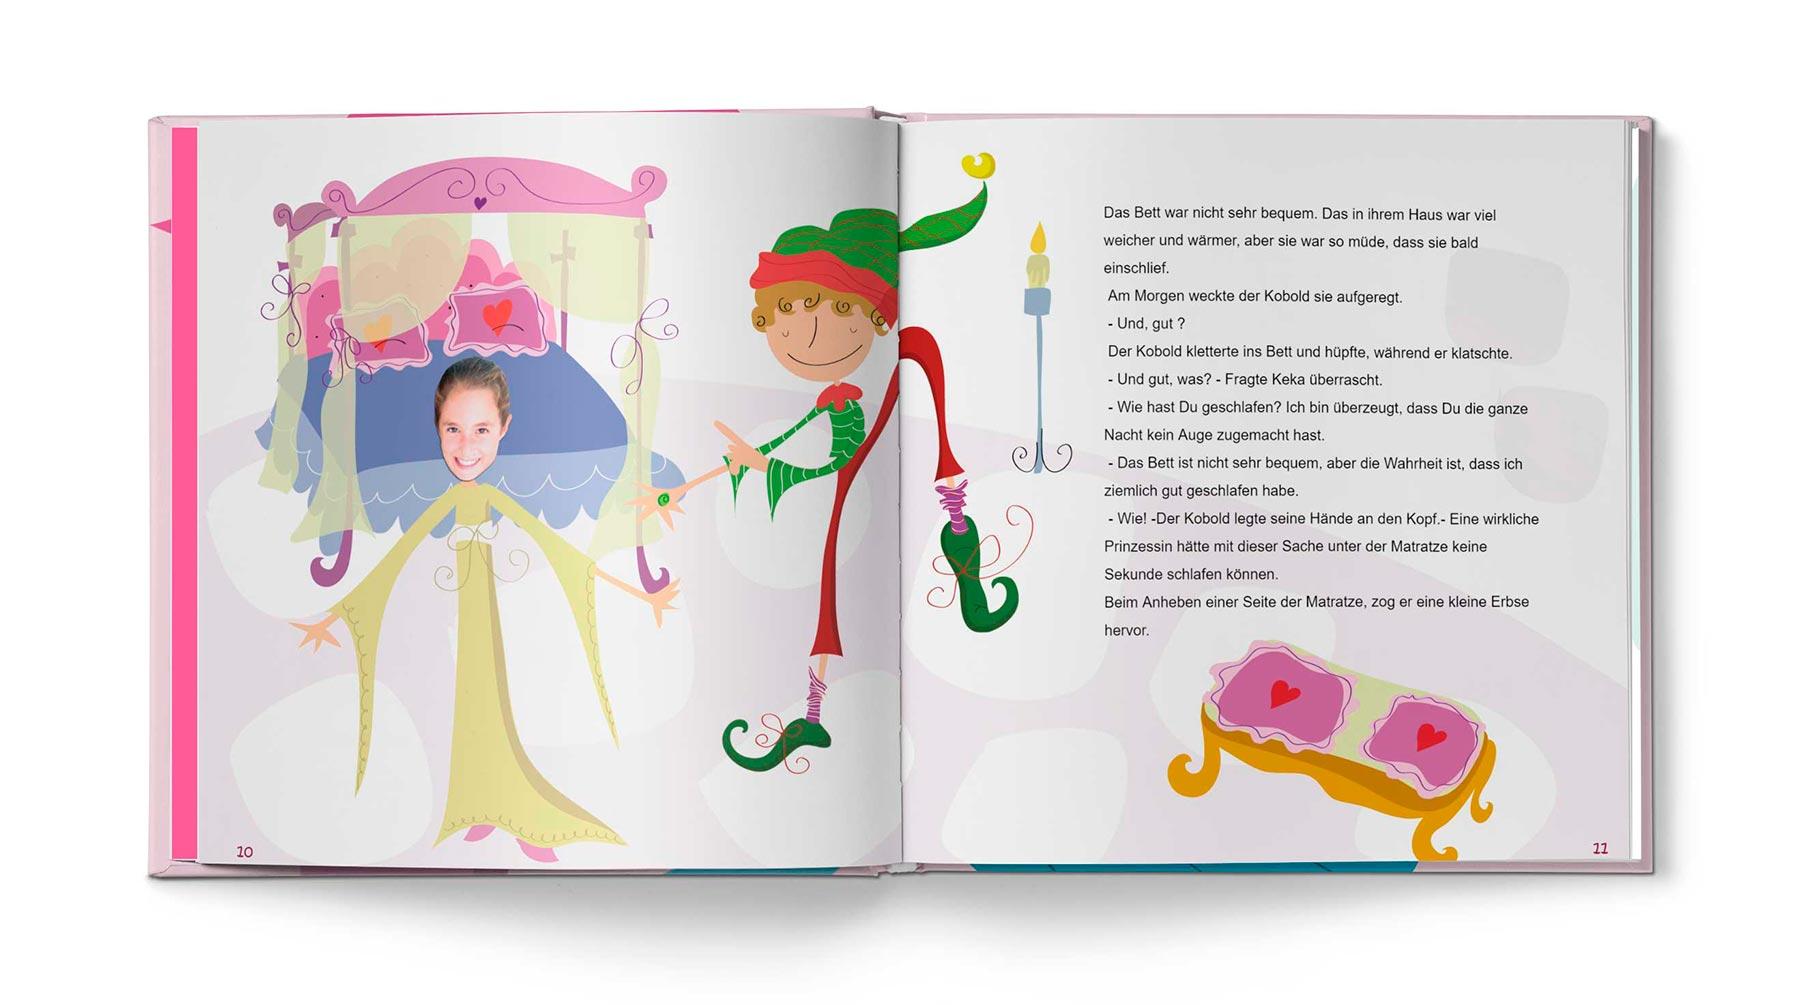 Geschichte Die Prinzessin und das Pflaster - Bild 5